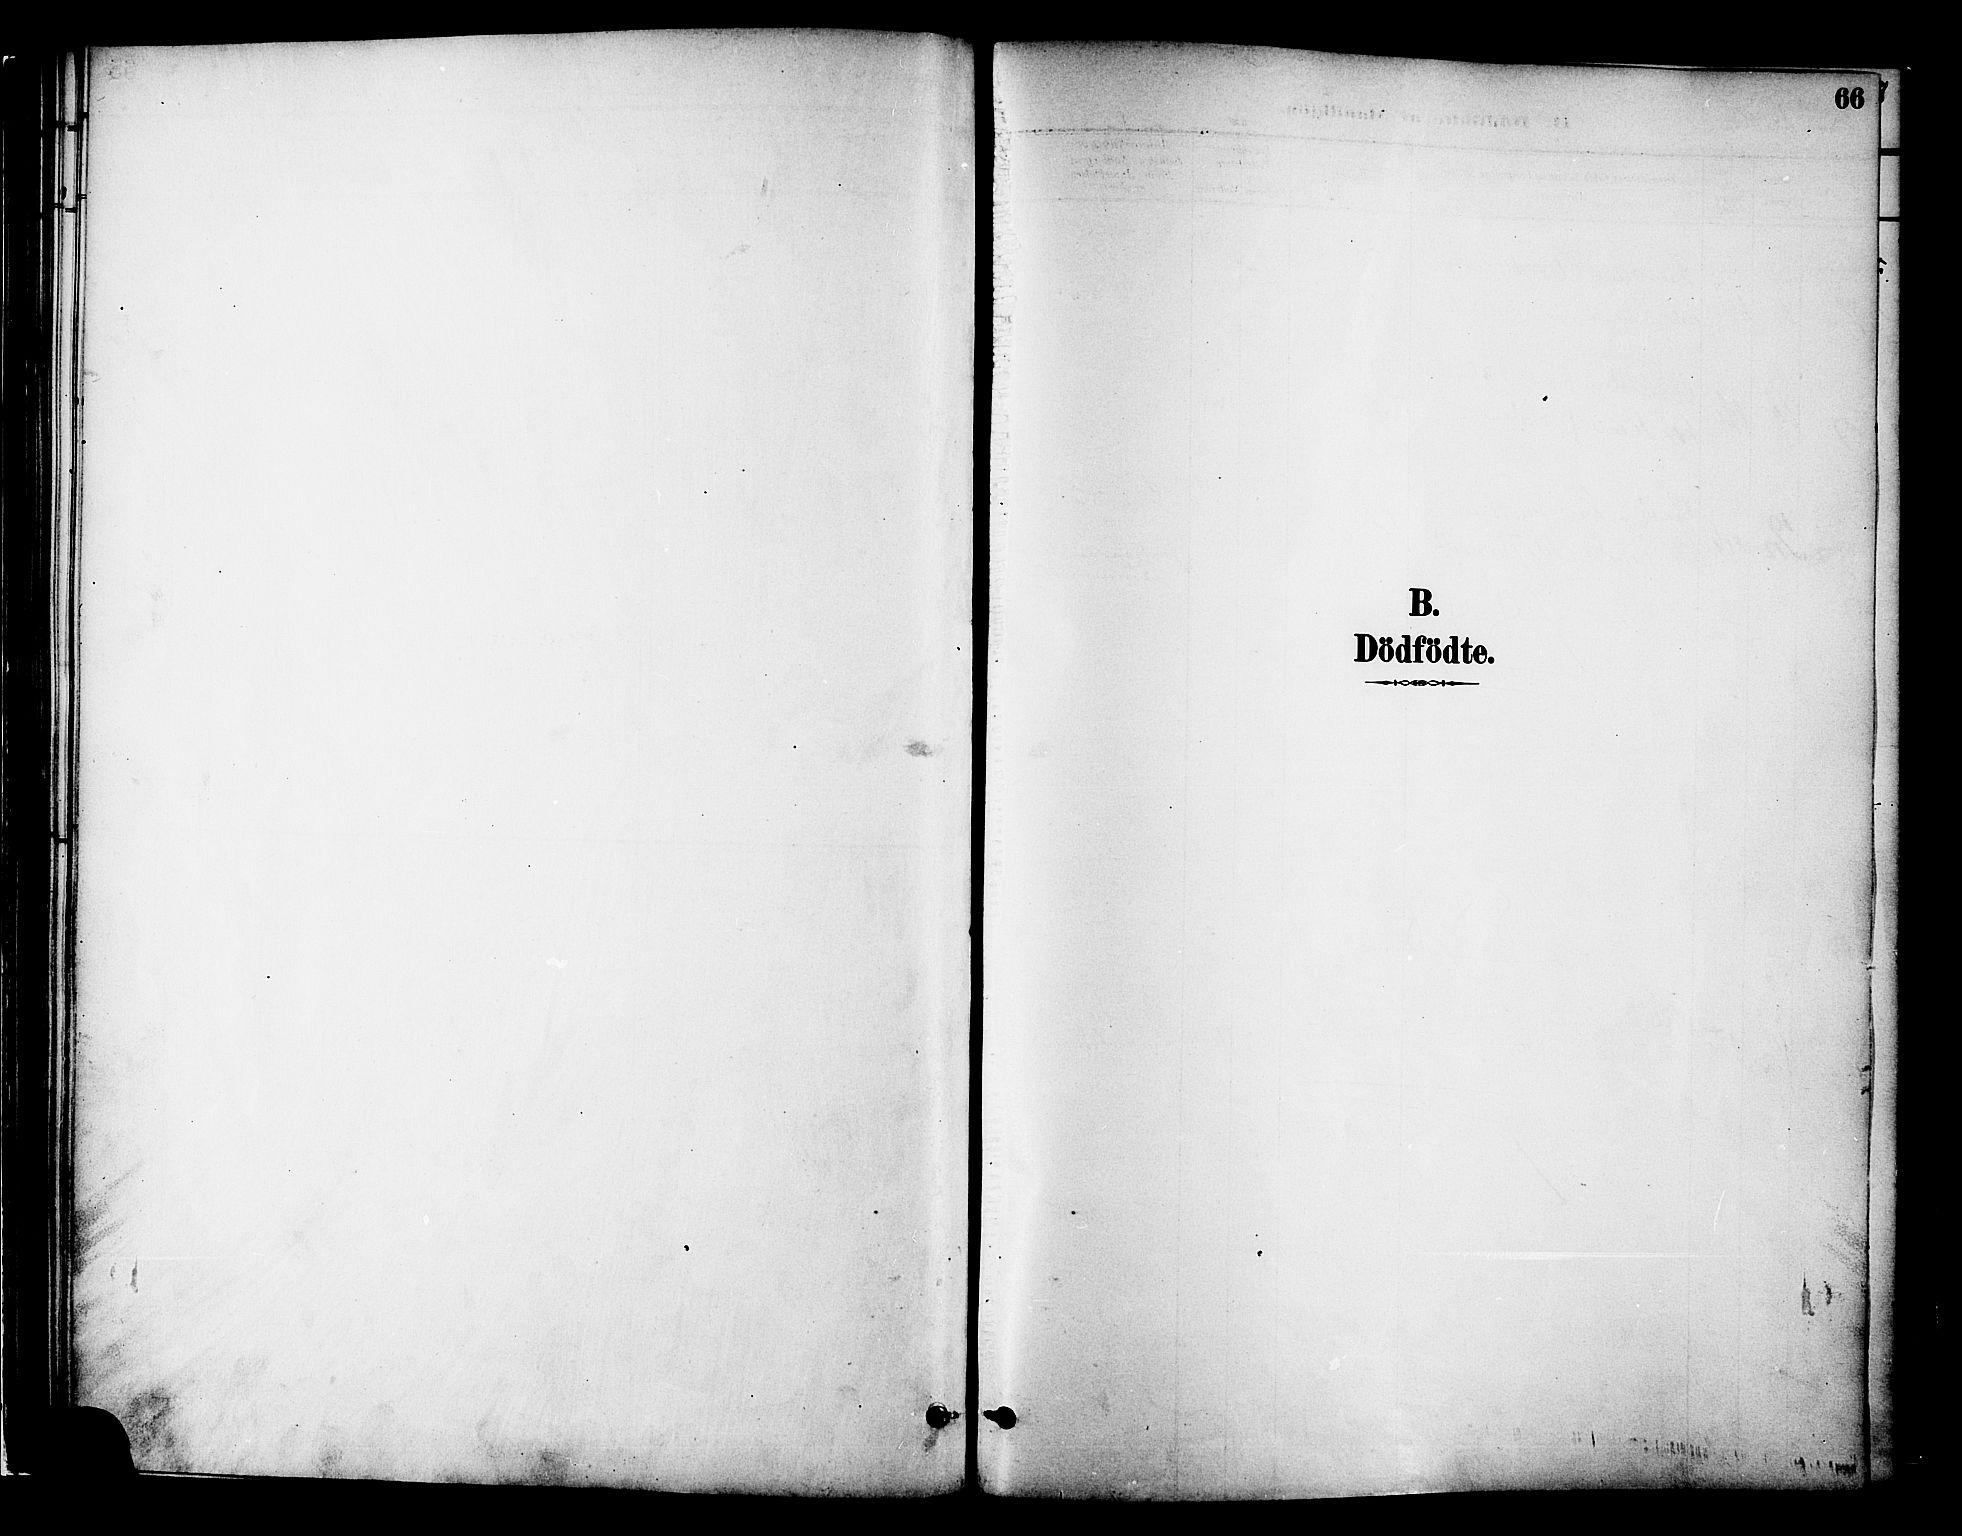 SAT, Ministerialprotokoller, klokkerbøker og fødselsregistre - Møre og Romsdal, 519/L0255: Ministerialbok nr. 519A14, 1884-1908, s. 66